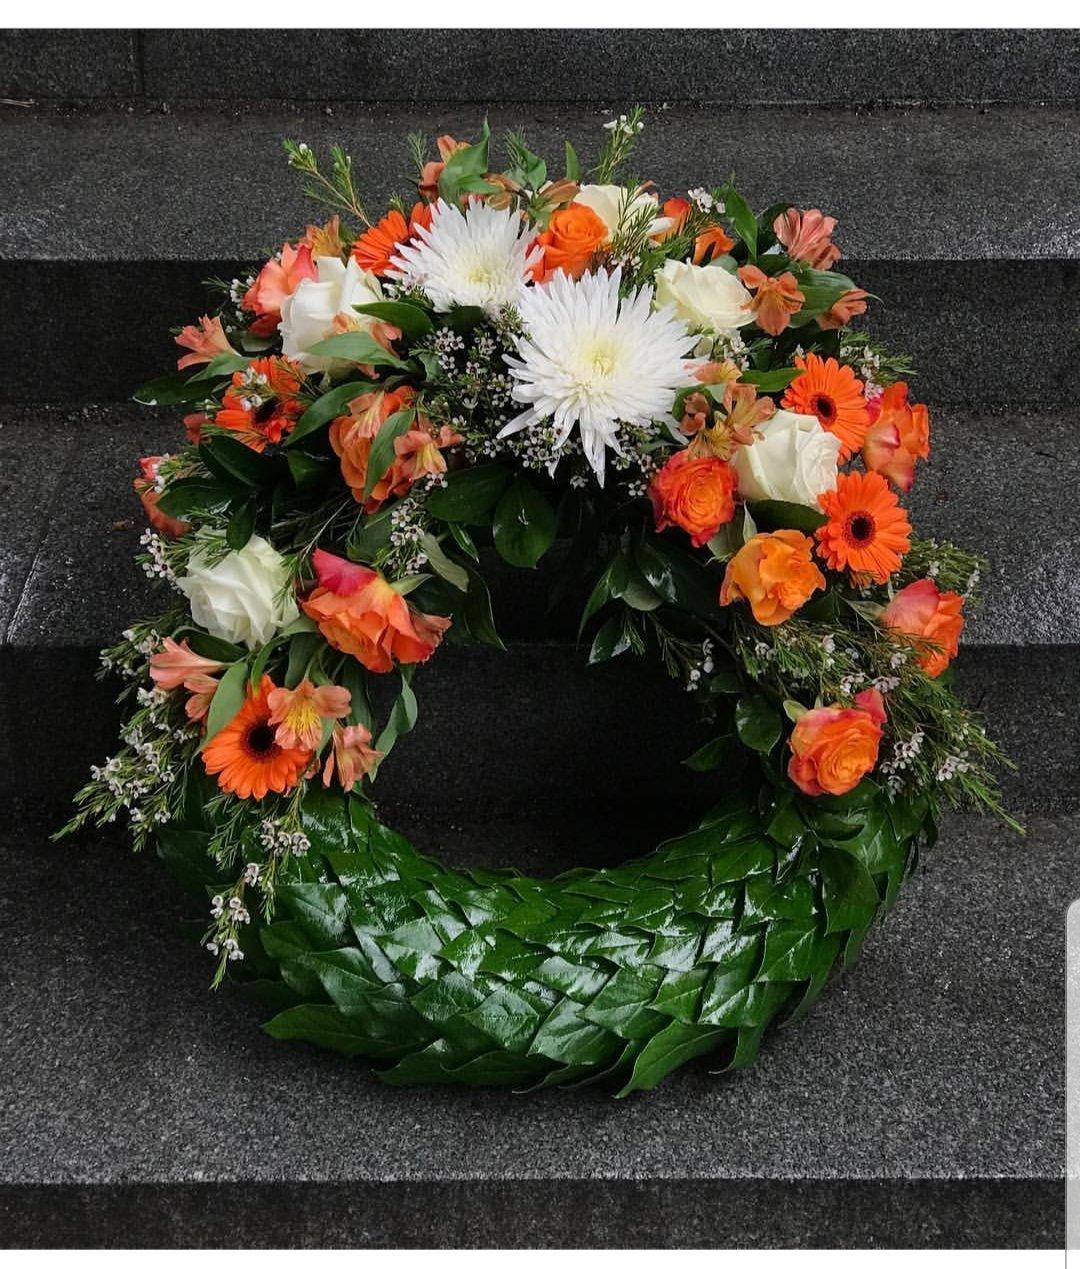 Skogskyrkogårdens Blommor